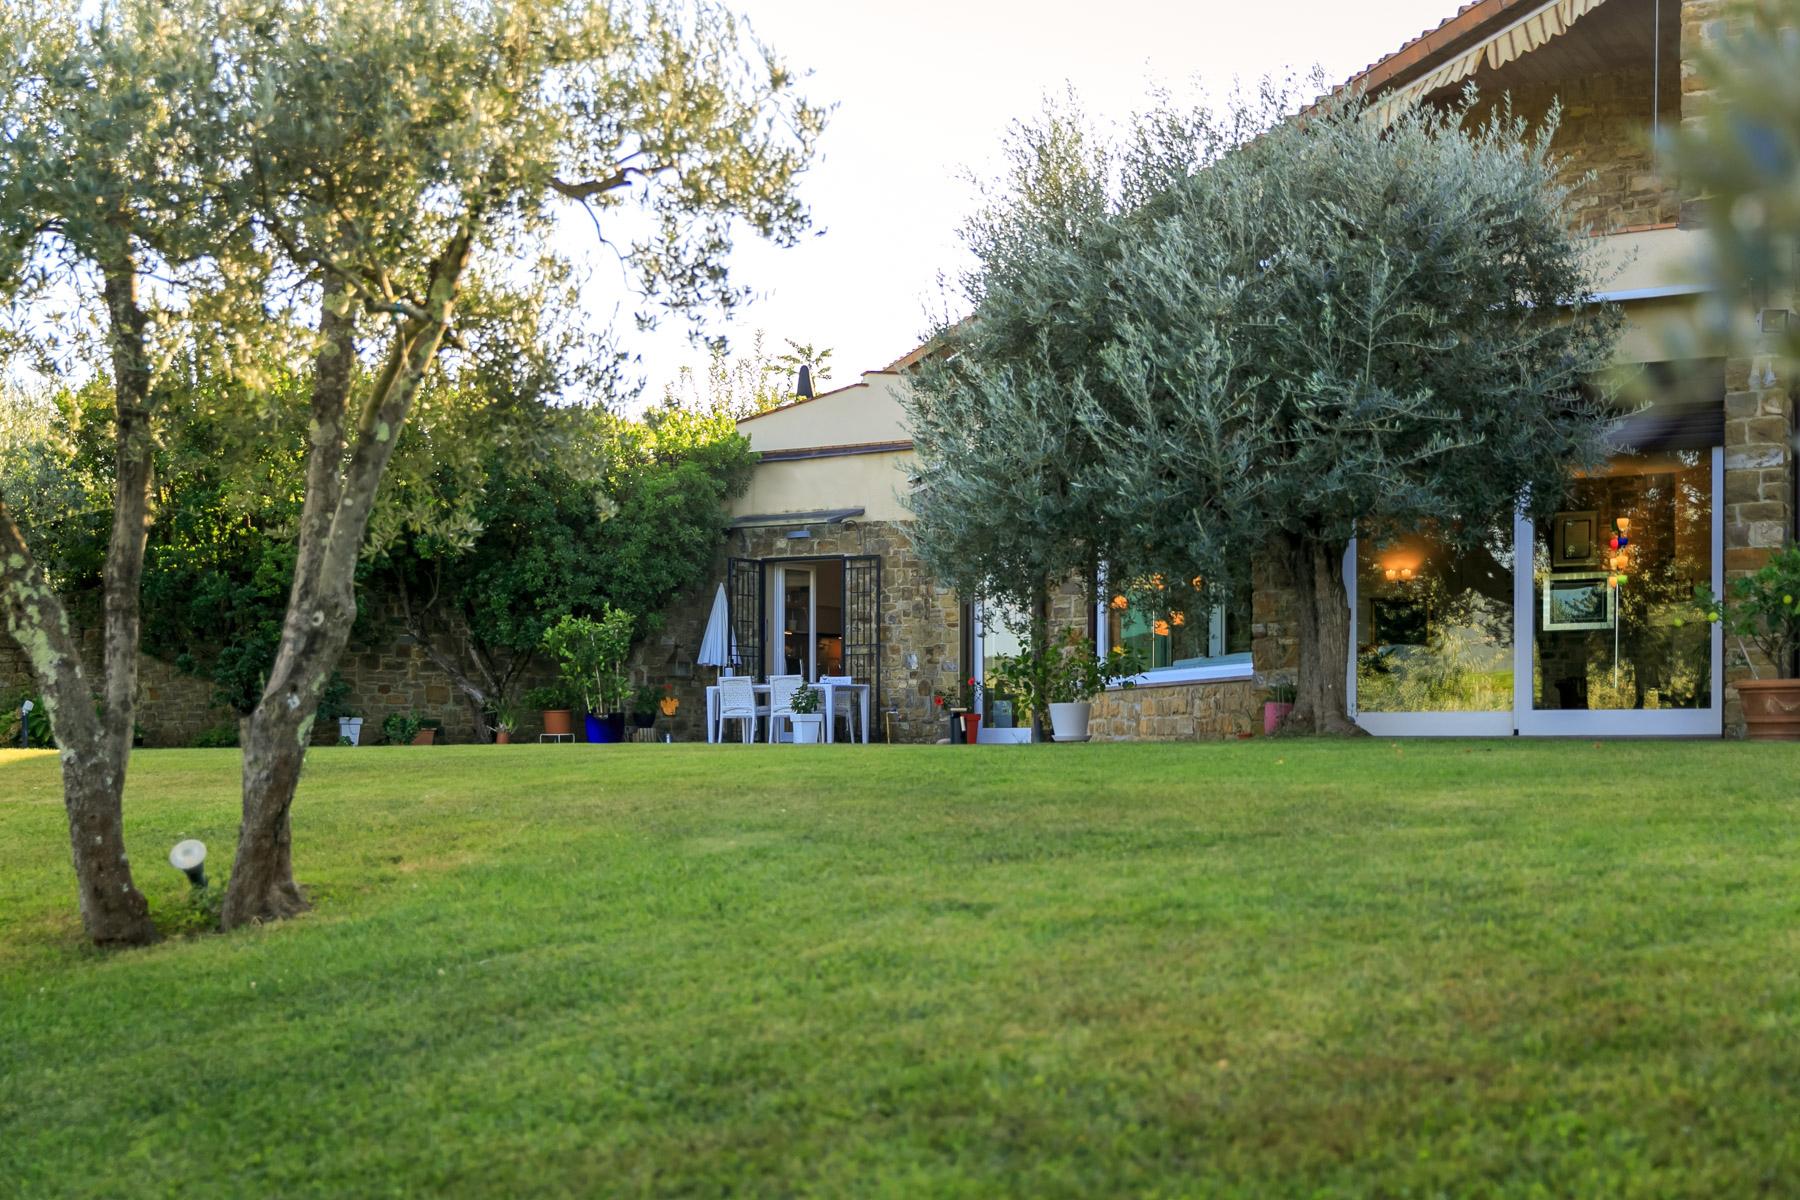 Casa indipendente in Vendita a Impruneta: 5 locali, 300 mq - Foto 15